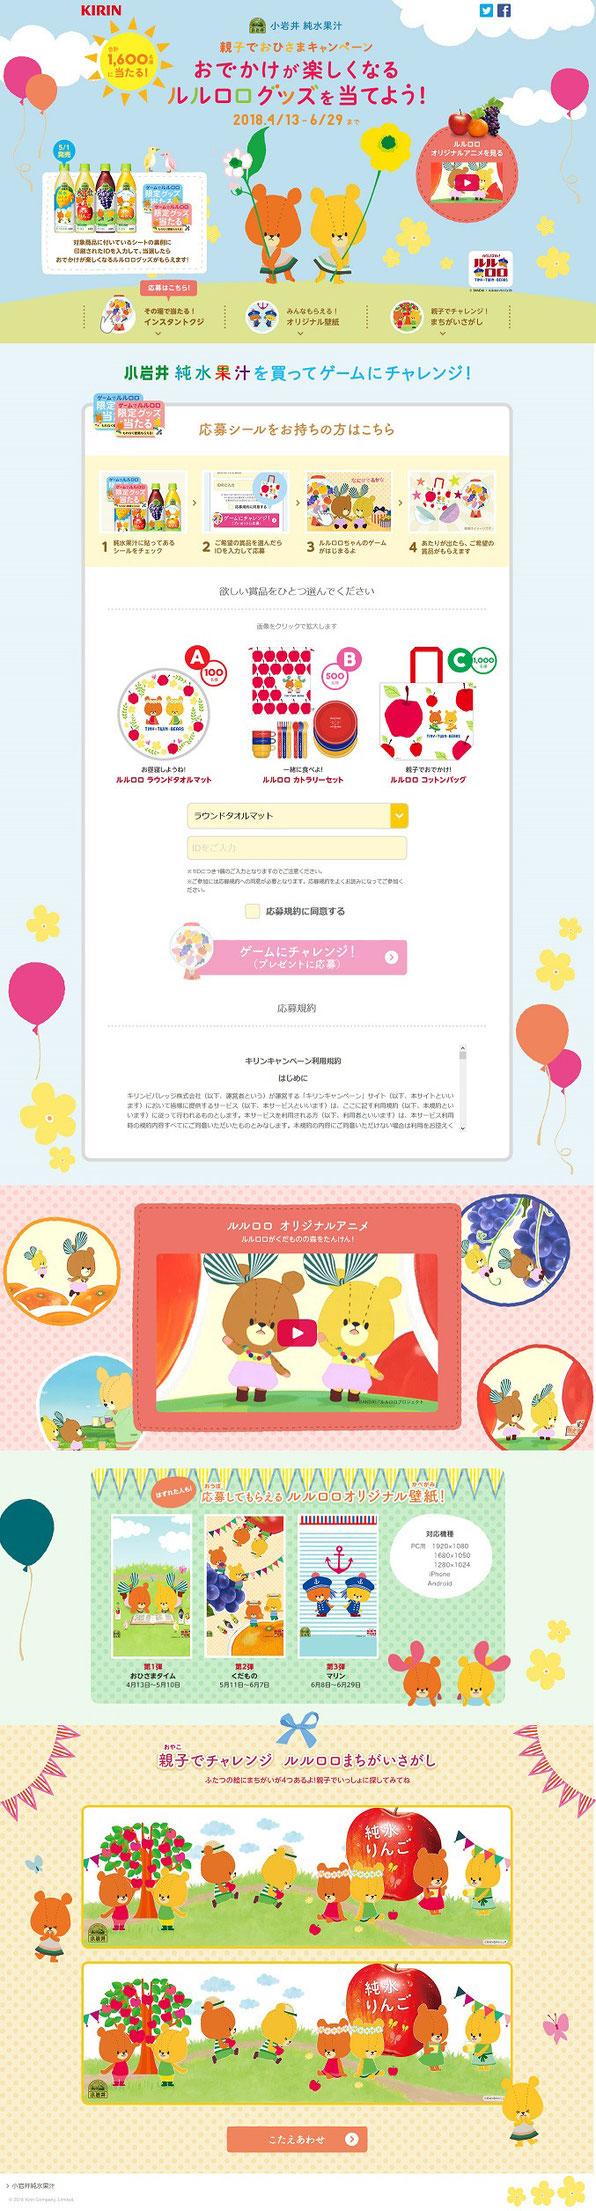 【キリン】小岩井純水果汁 親子でおひさま「ルルロロ」キャンペーン